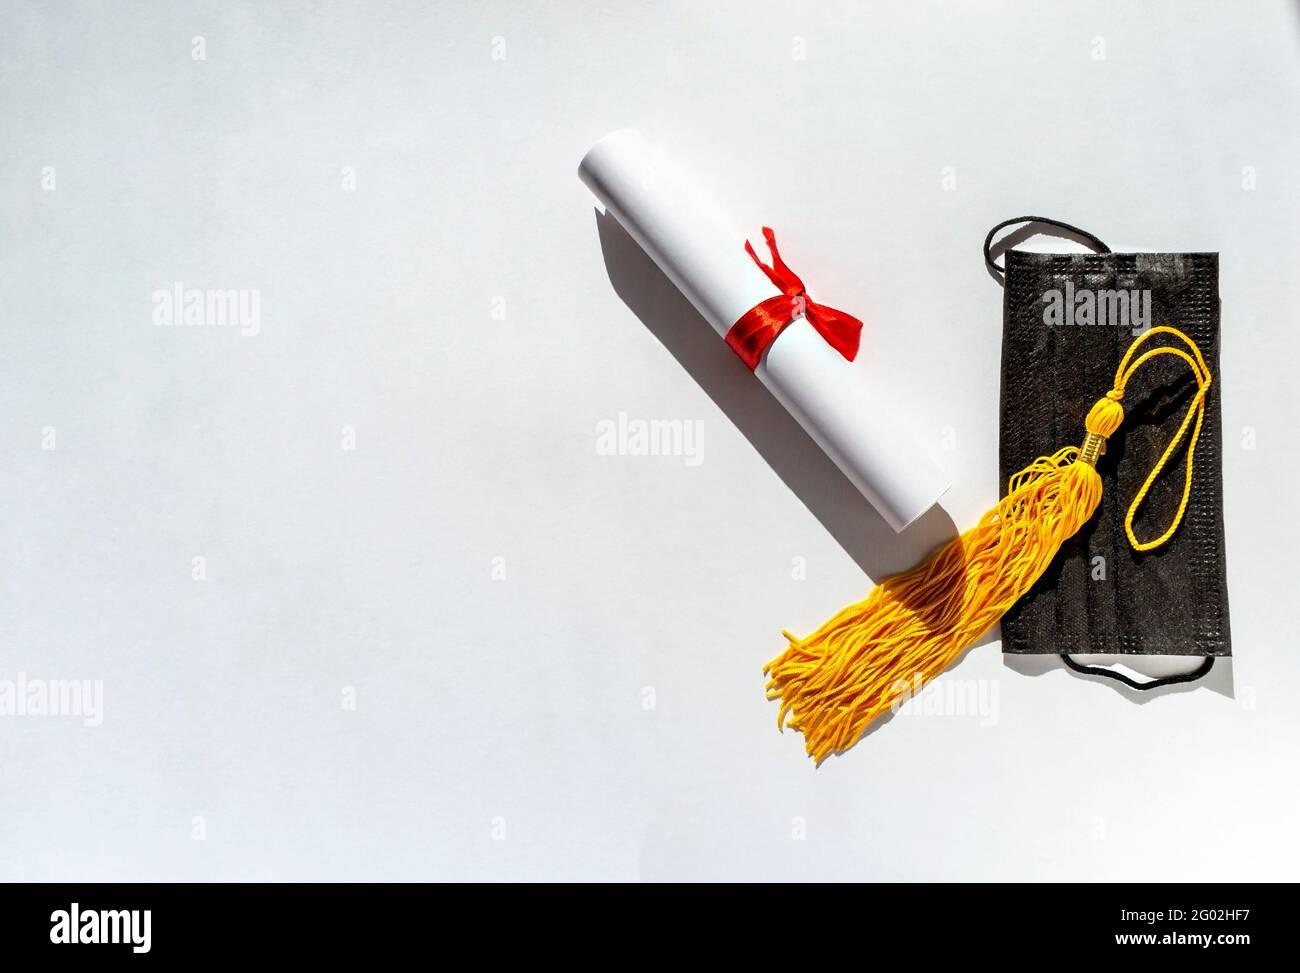 Gelbe Quaste aus Abschlusskappe, Papierrolle mit rotem Band mit Schleife, Diplom und schwarzer Schutzmaske auf weißem Hintergrund gebunden, neue Realität Stockfoto